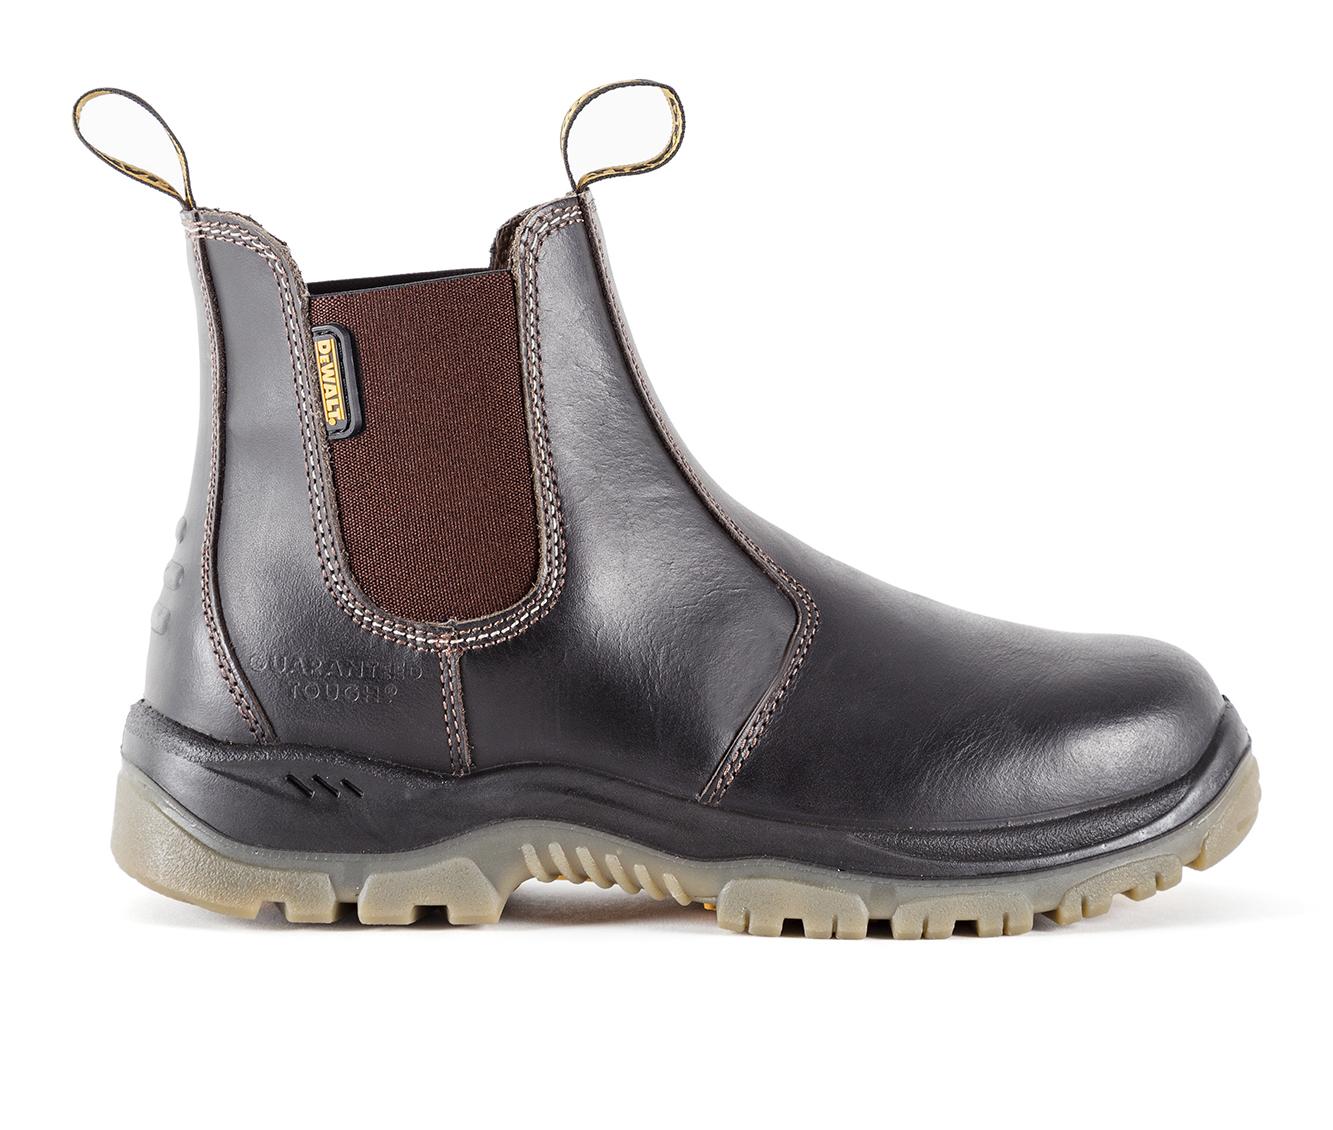 DeWALT Nitrogen Steel Toe Men's Boots (Brown Leather)